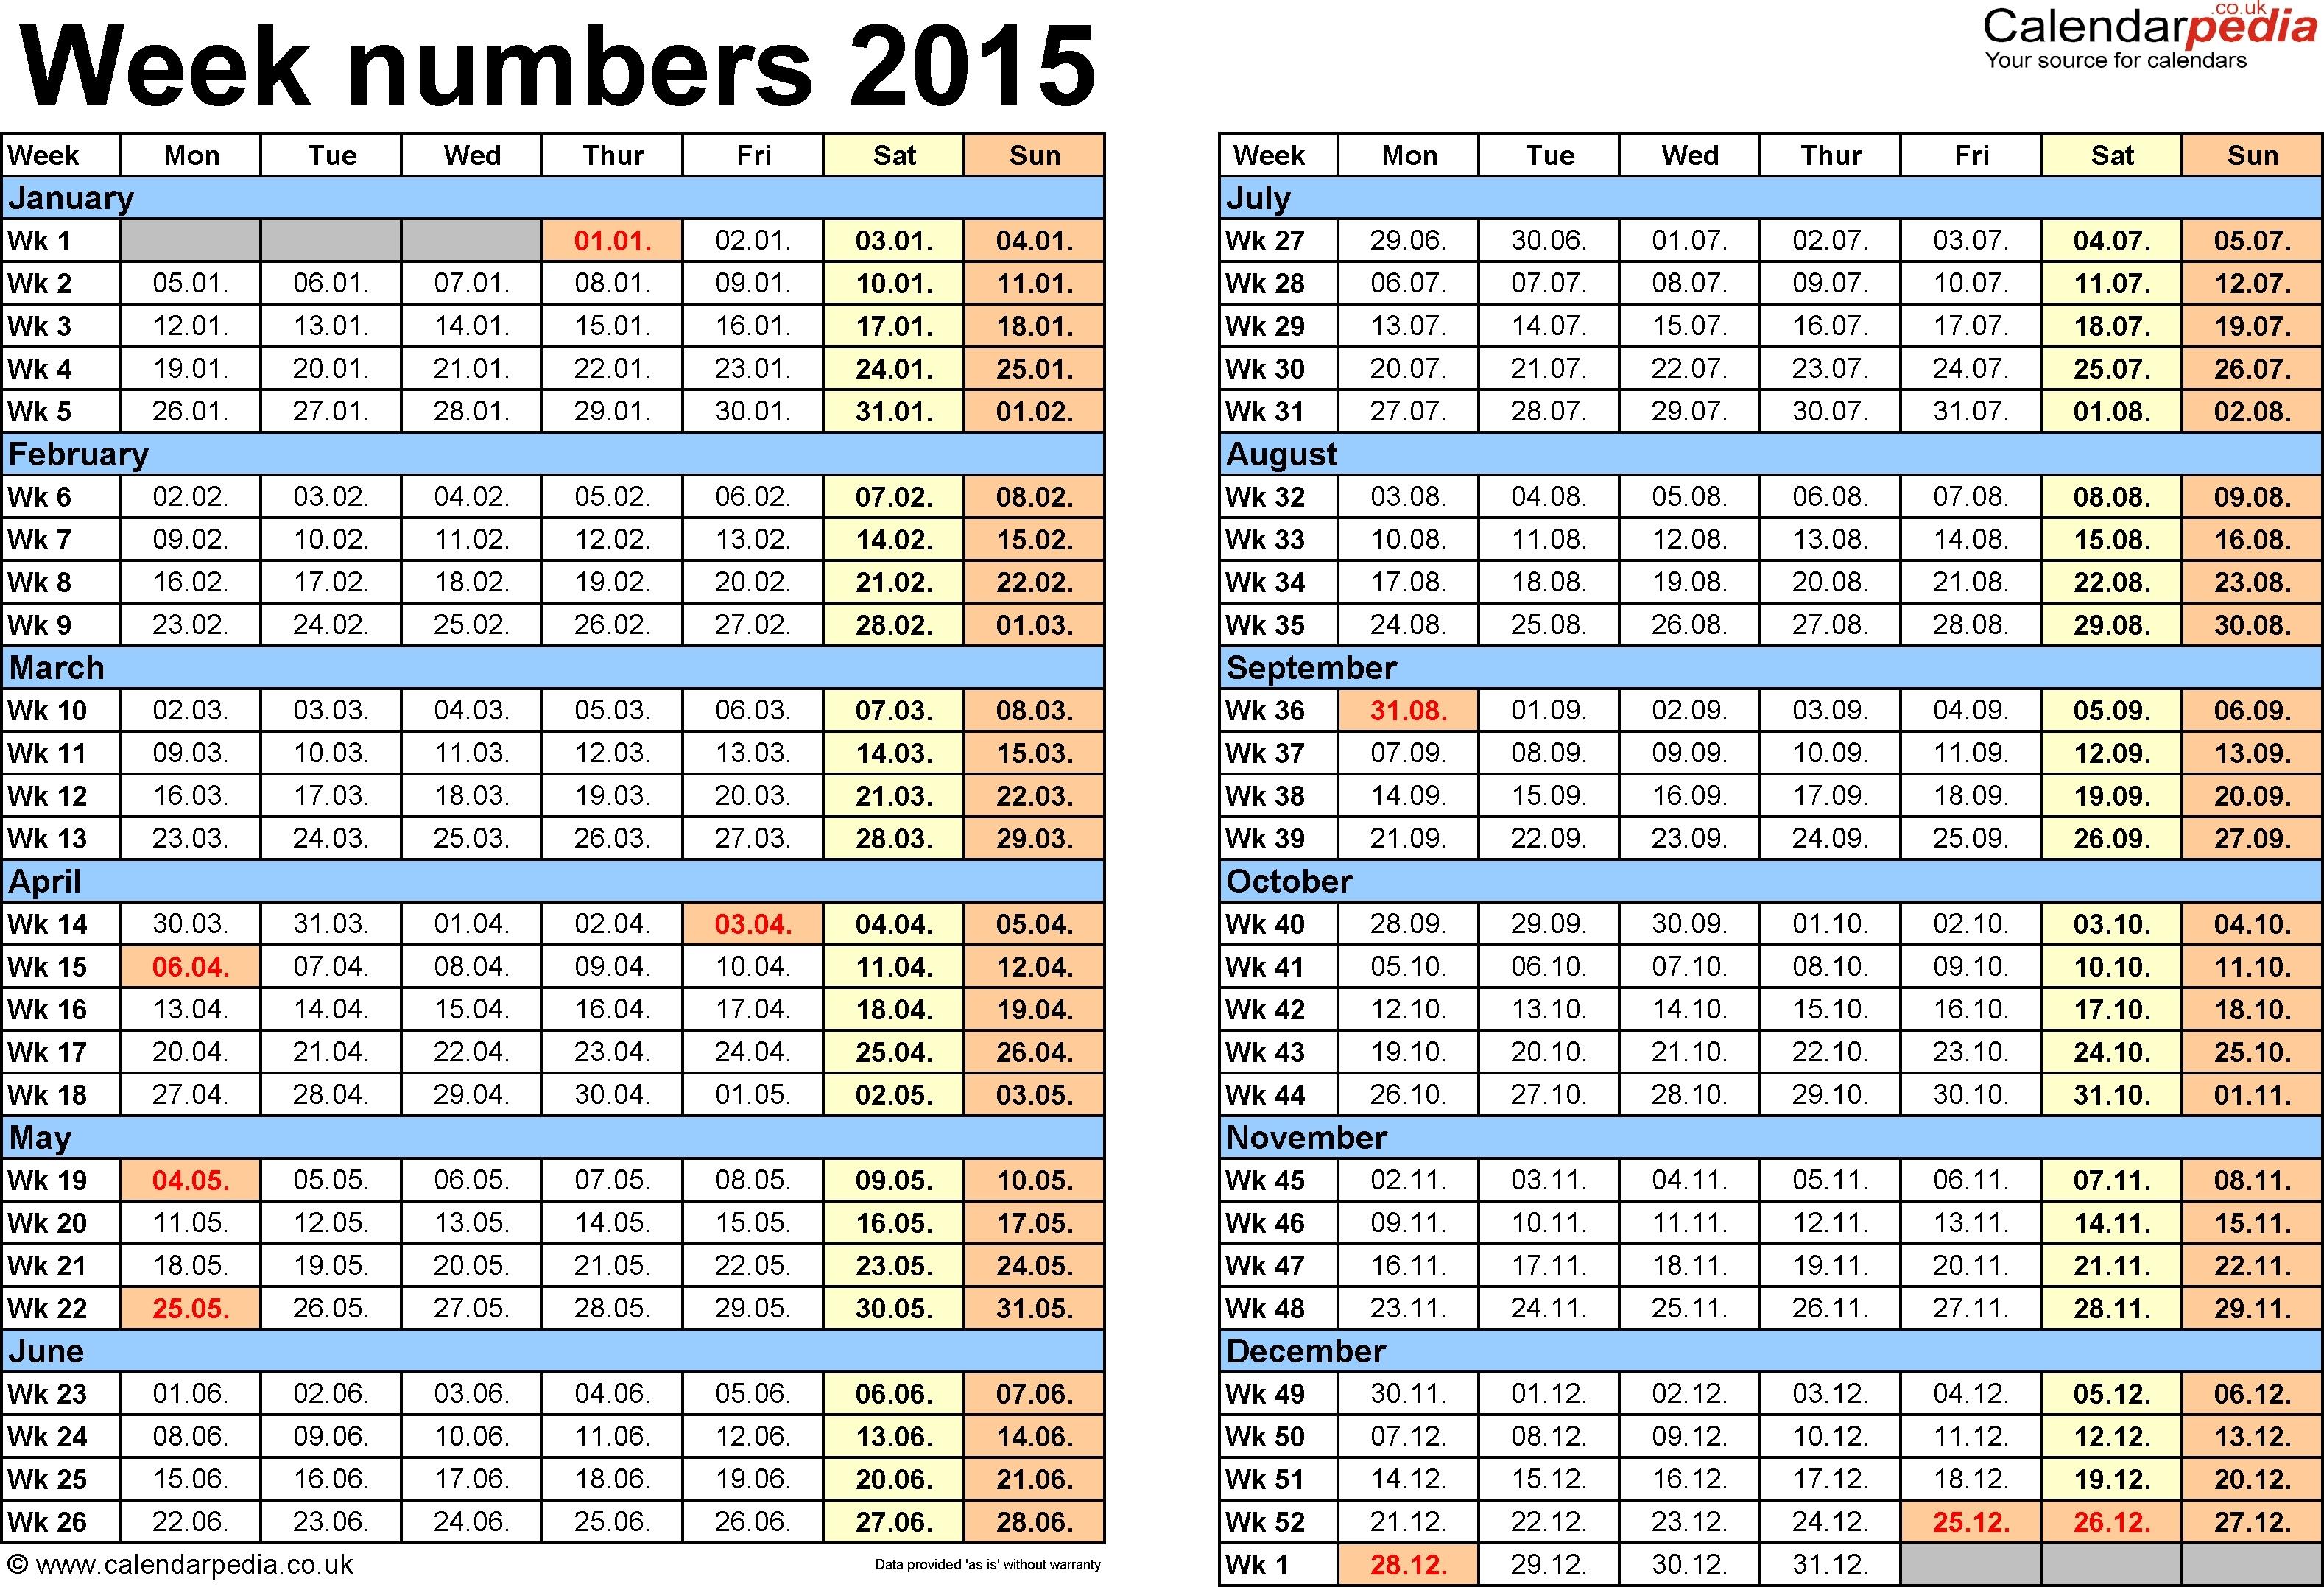 Printable 2015 Calendar With Week Numbers - Printable Calendar